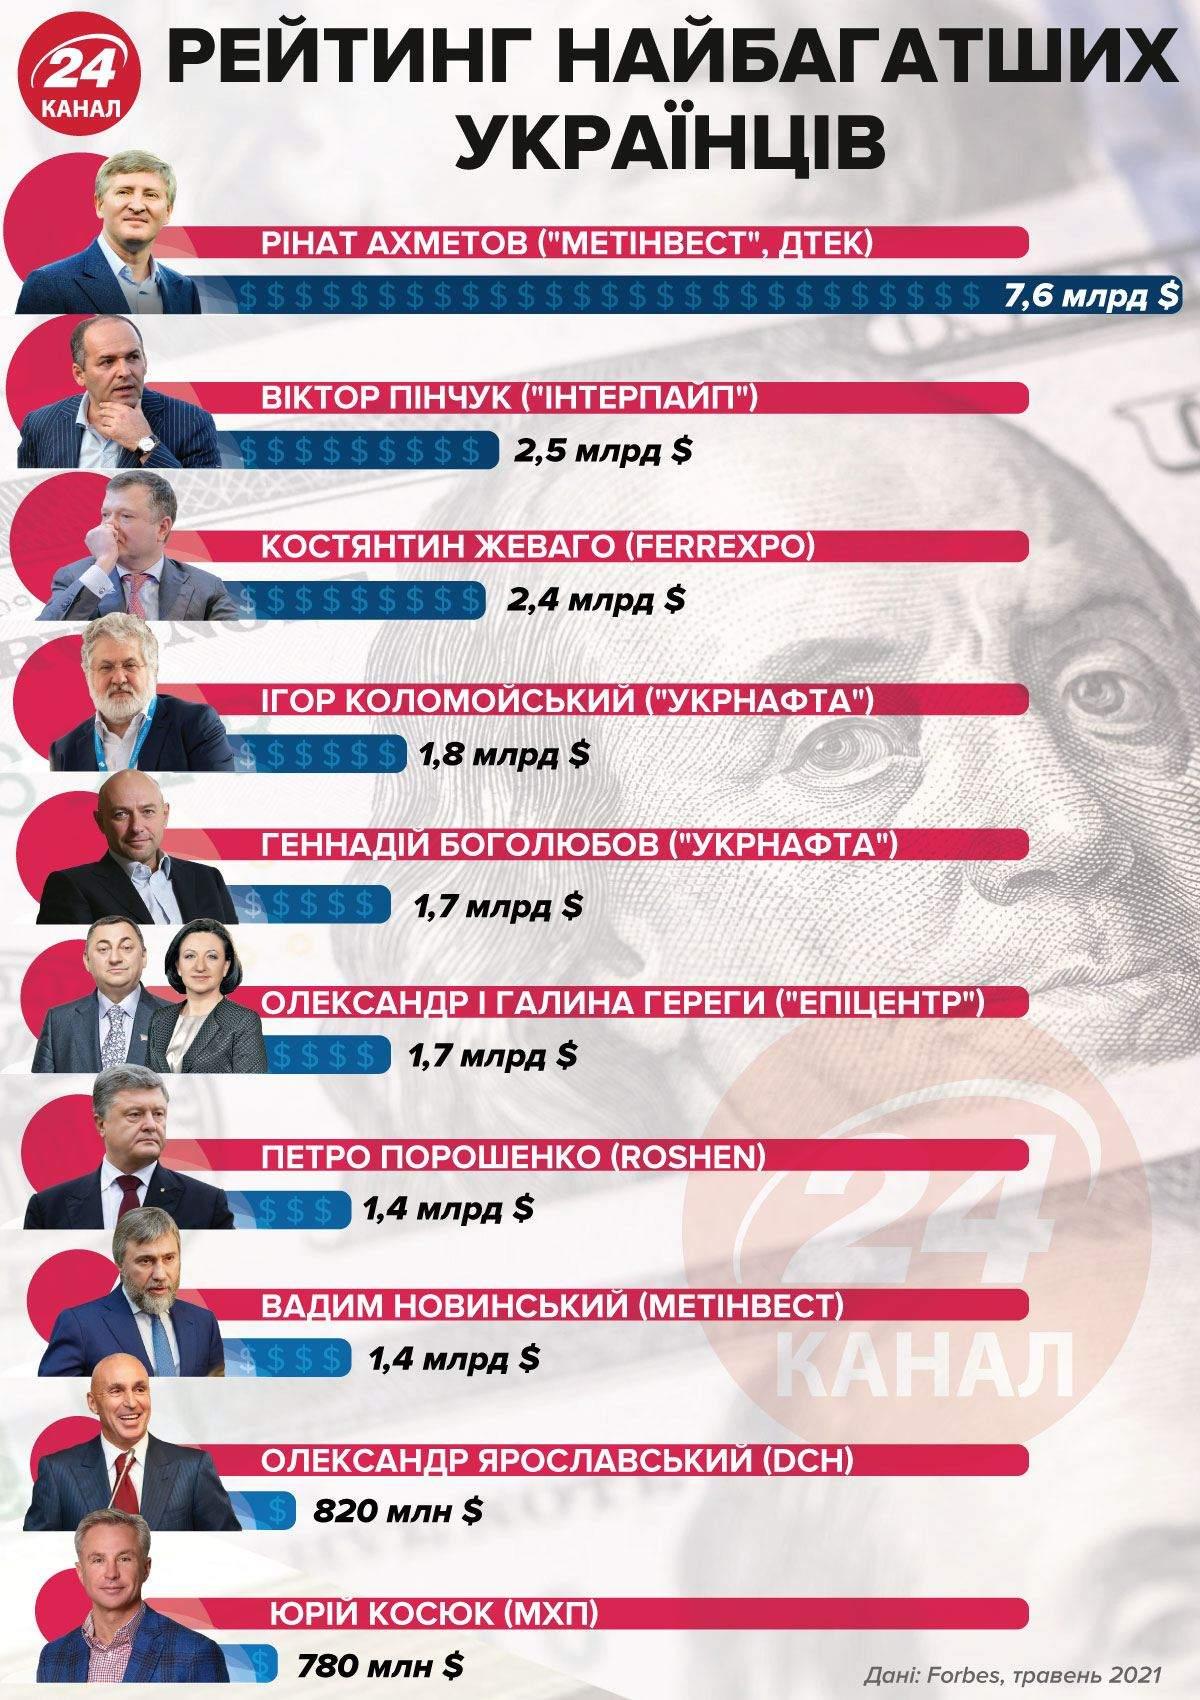 Рейтинг найбагатших українців / Інфографіка 24 каналу